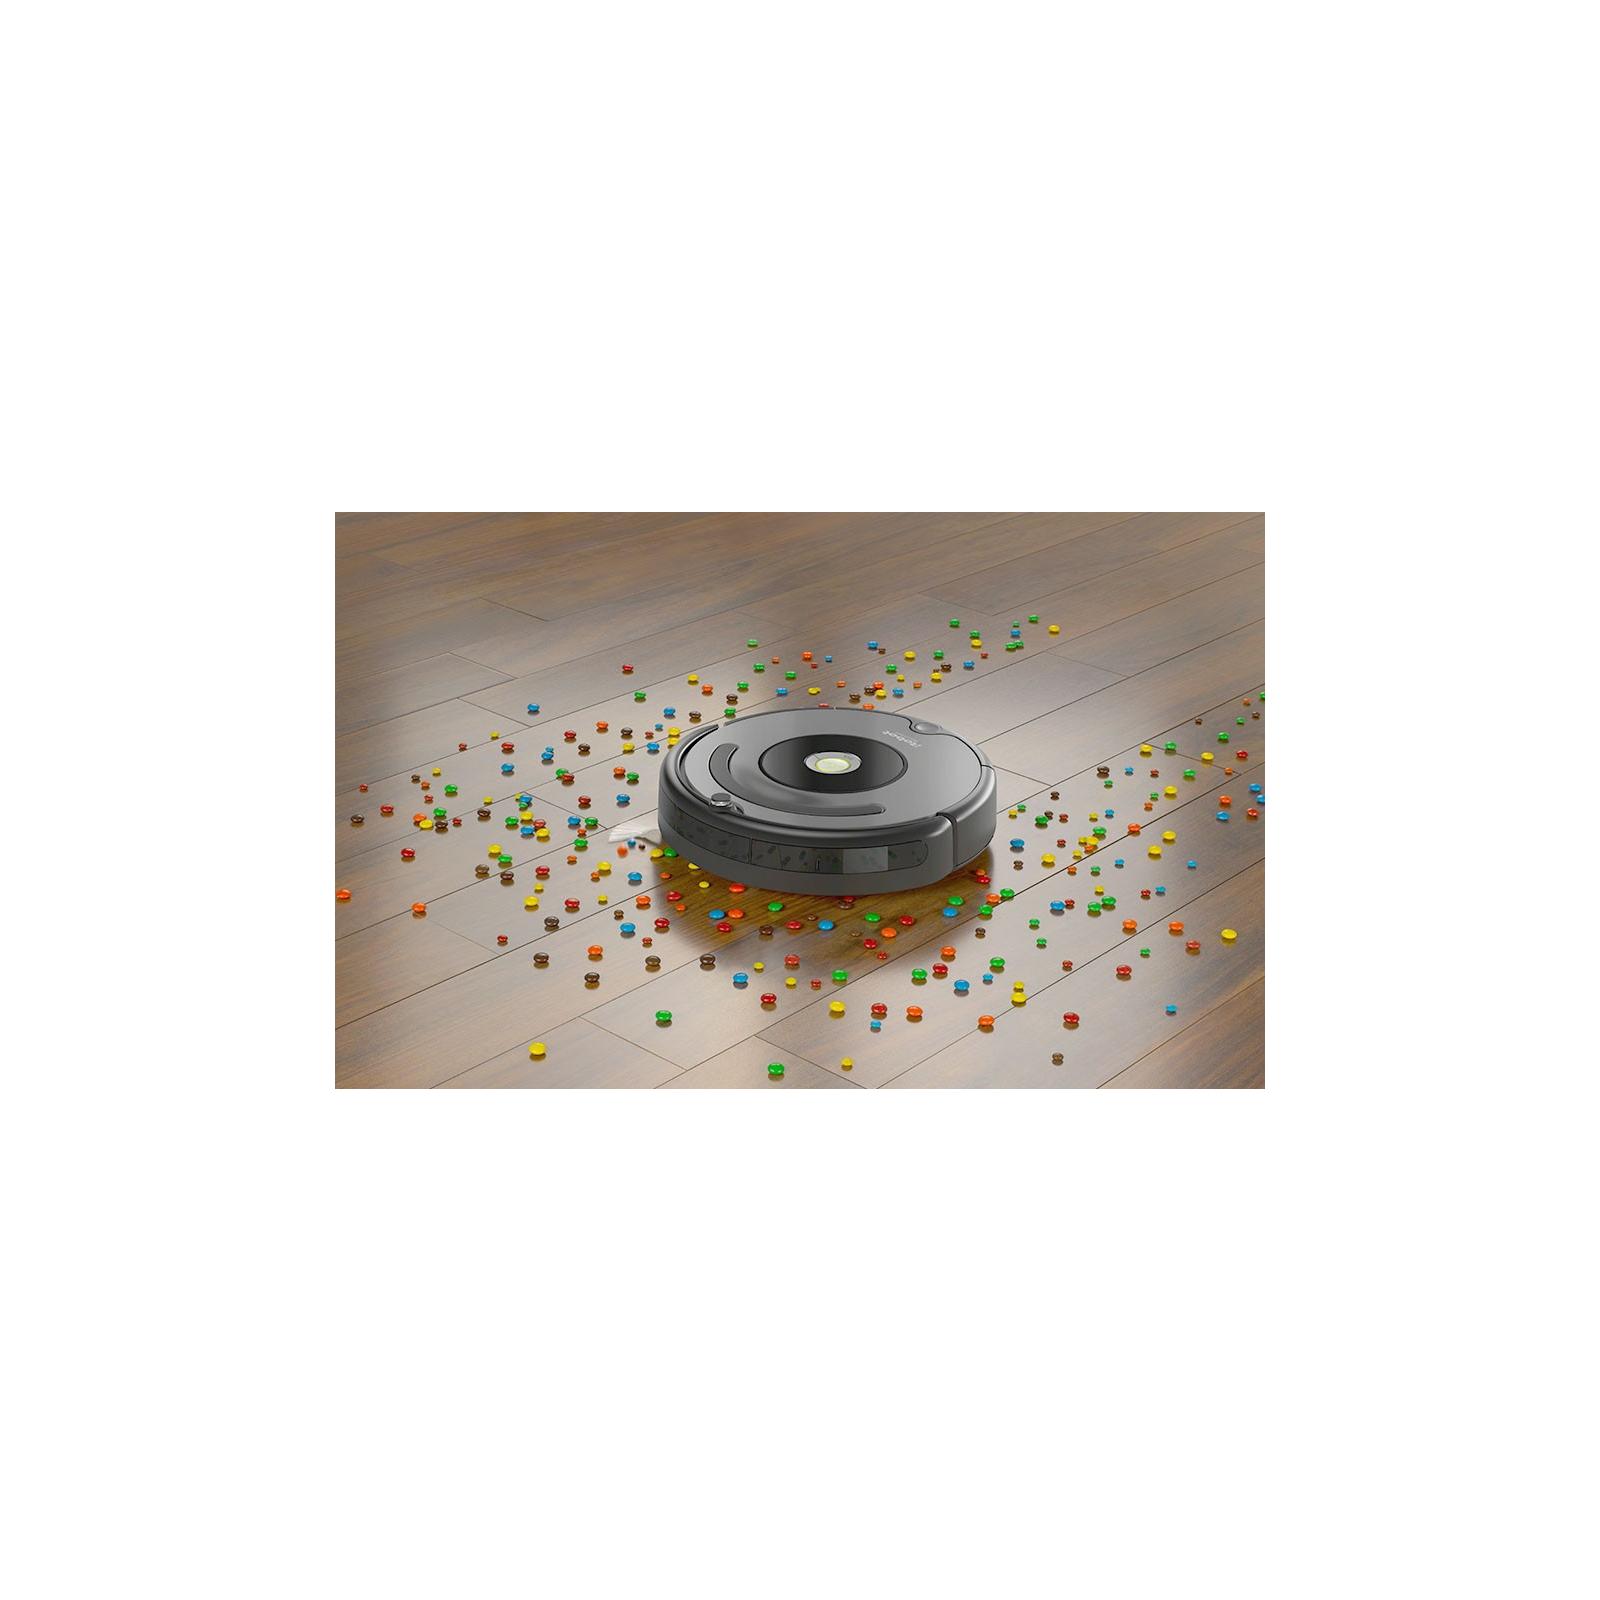 Пылесос iRobot Roomba 676 (R676040) изображение 10